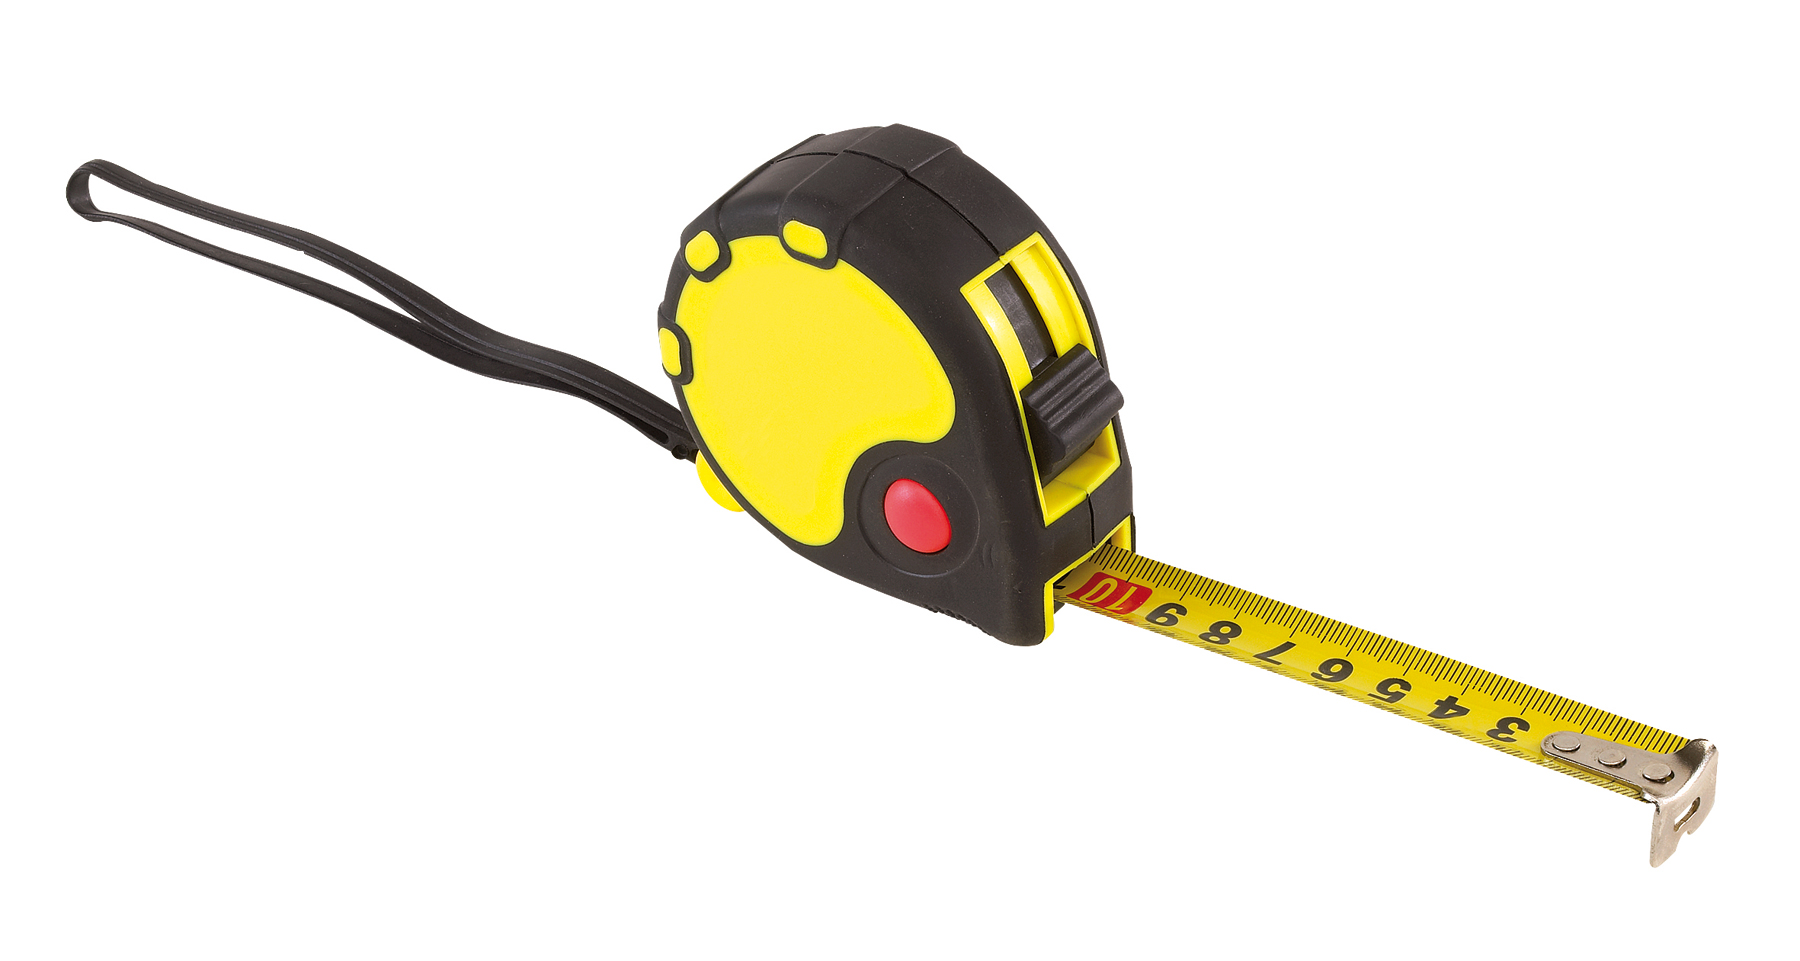 Taśma miernicza 5m BASIC II, czarny, żółty